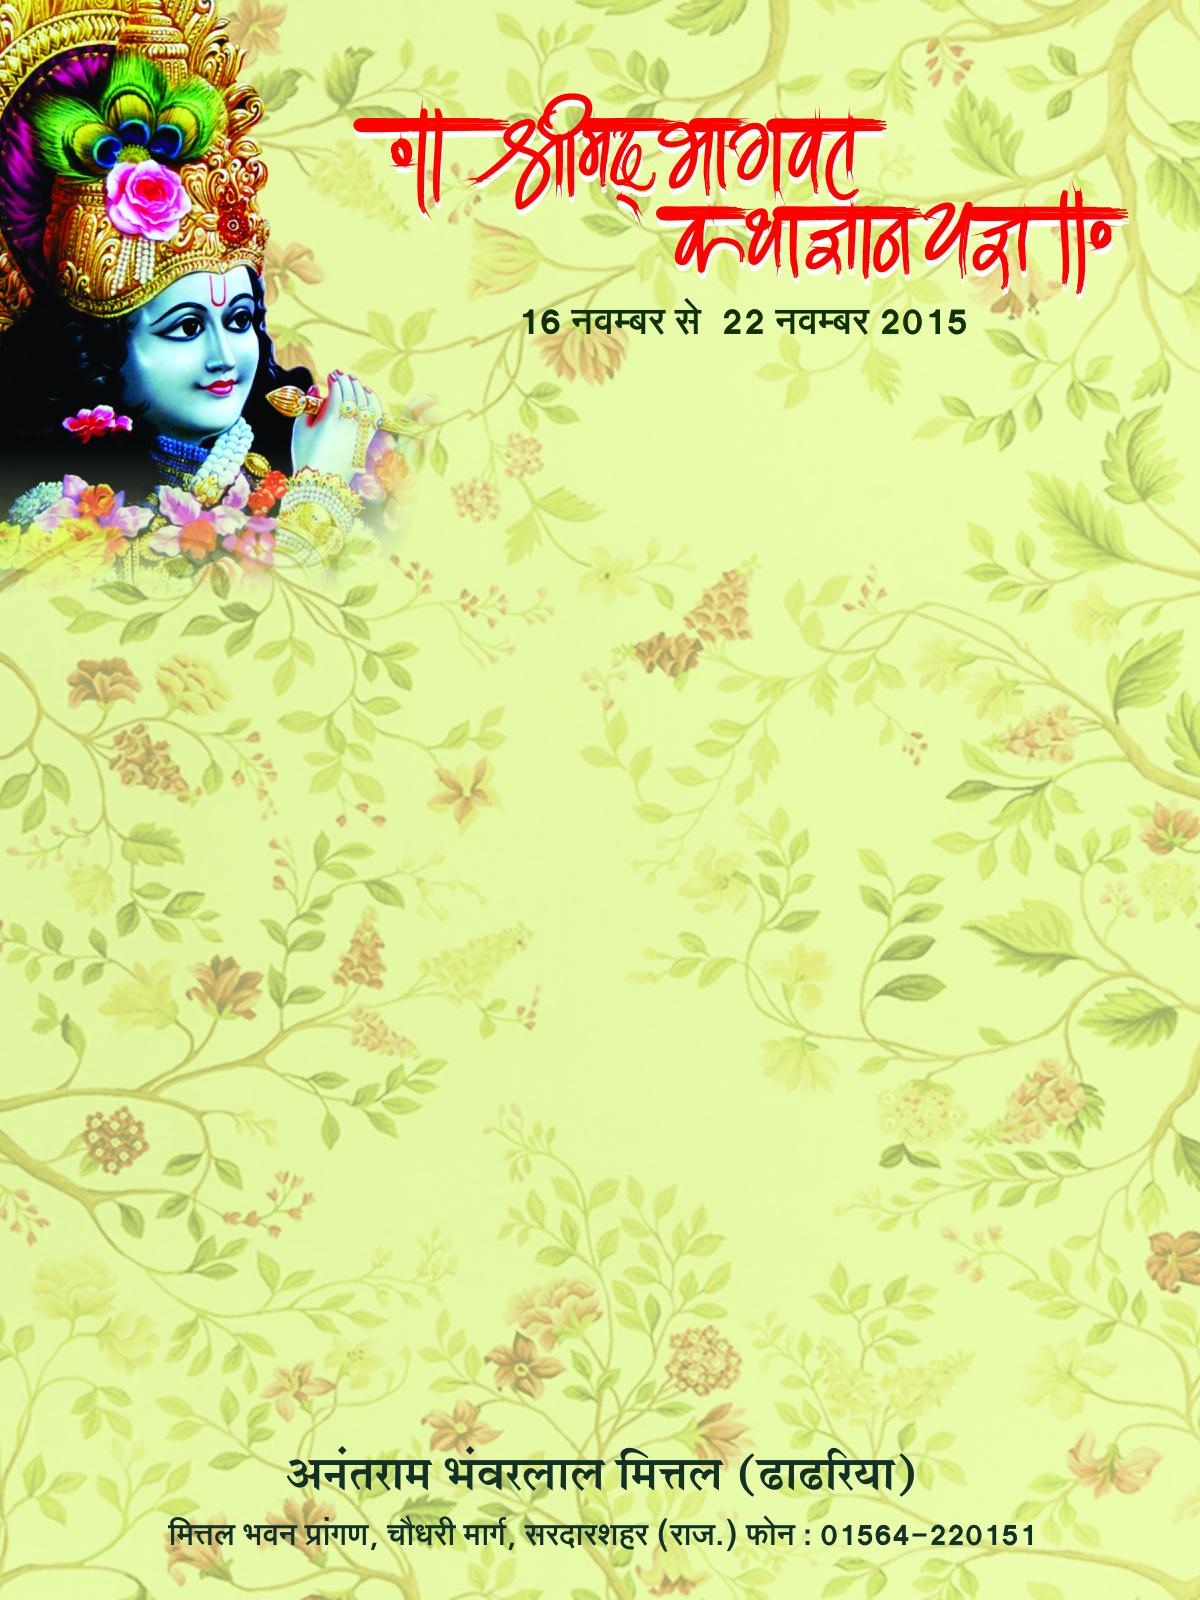 Shrimad bhagwat katha invitation card shrimad bhagwat katha invitation card bhagwat katha card ram katha card katha invitation stopboris Gallery